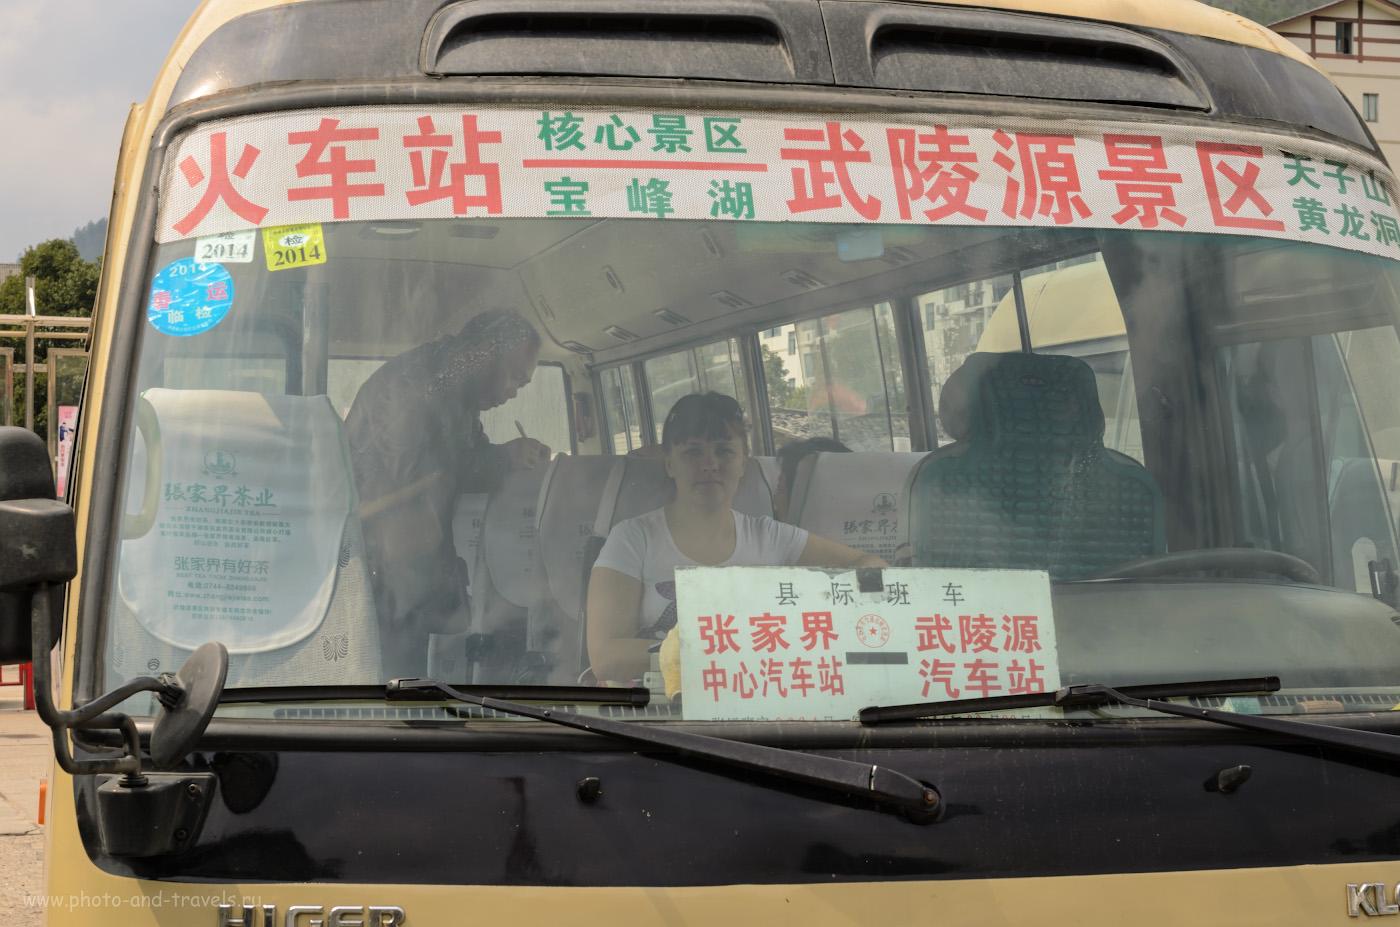 8. Как добраться из Чжанцзяцзе в старинный город Фэнхуан. Как понять куда едет этот китайский автобус? 1/100, 11.0, 100, 44.